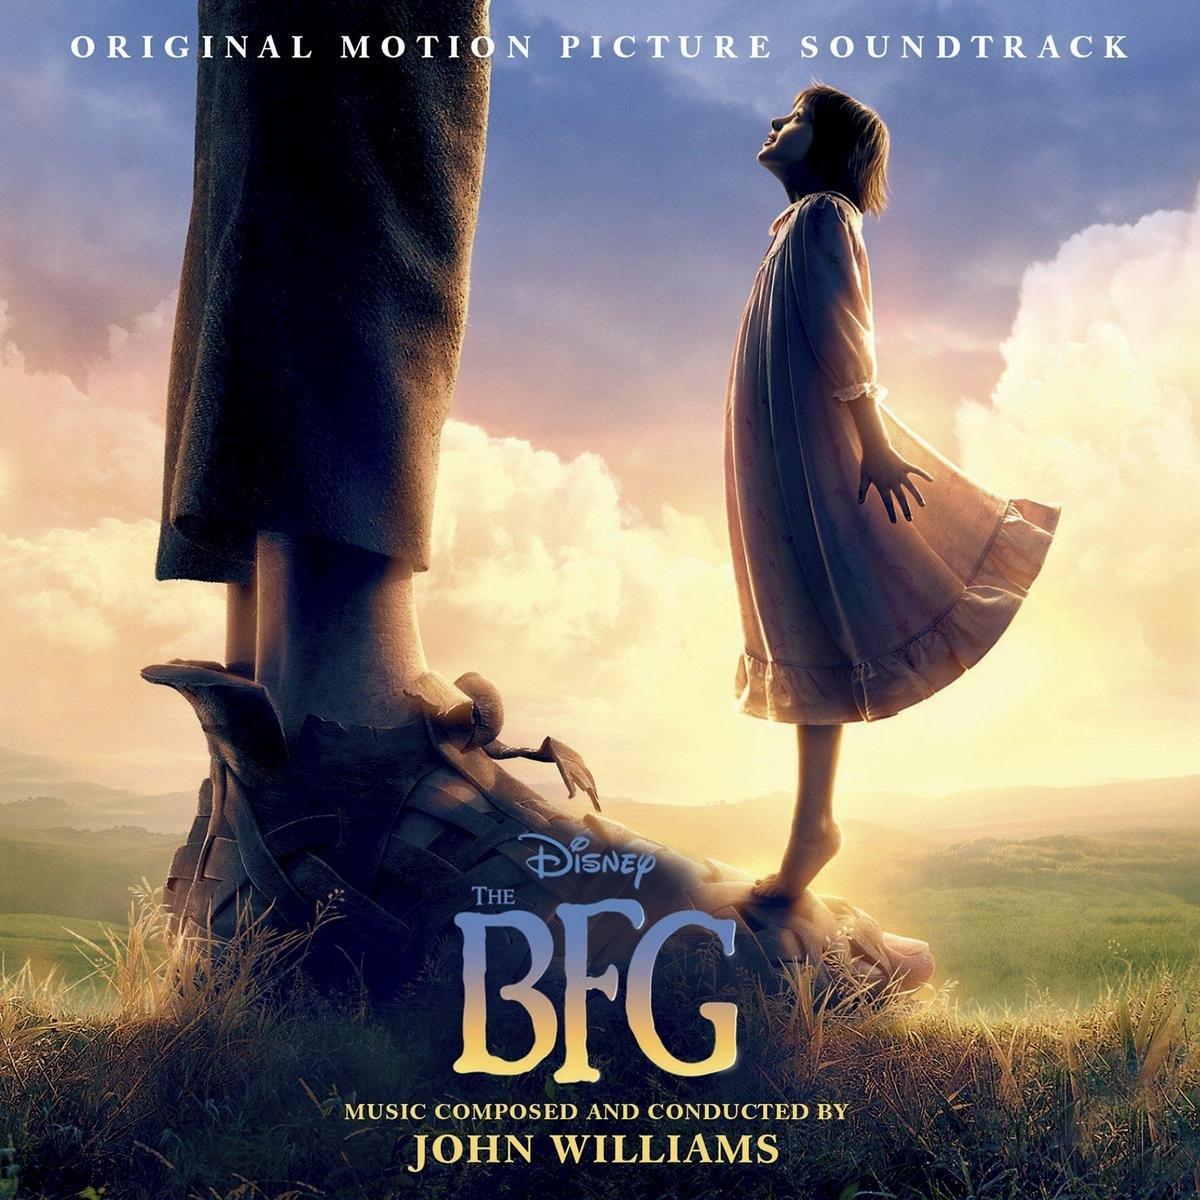 9/17公開!スピルバーグ×ディズニー映画「BFG」を親子で楽しもう